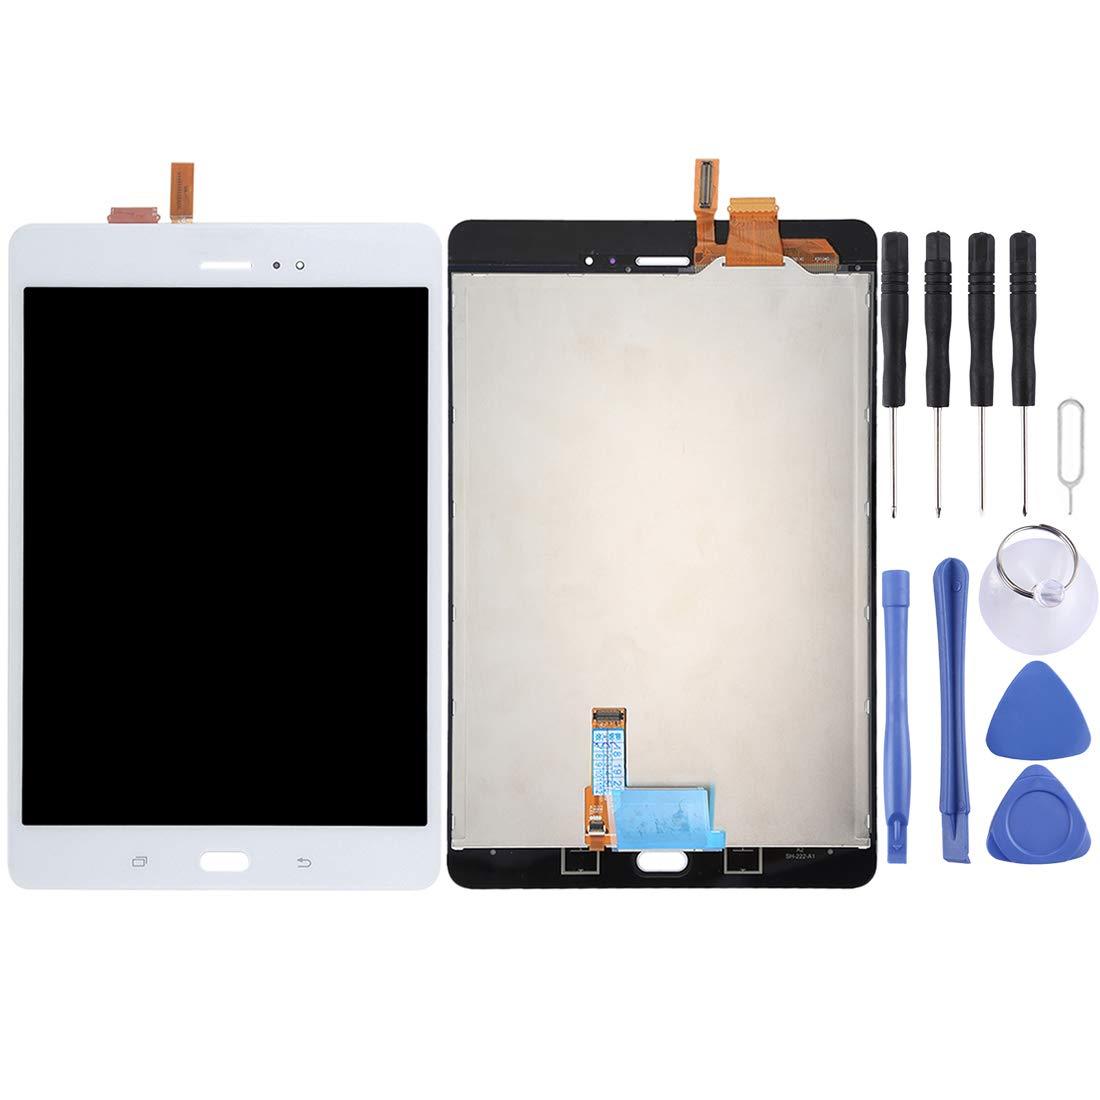 【送料無料】 修理用フロントパネル(フロントガラスデジタイザ)タッチパネル 白 Lcd液晶パネルセット (色 Galaxy Tab Tab A 8.0/ P355(3G版)用LCDスクリーンとデジタイザーのフルアセンブリ (色 : 白) 白 B07N6H7S5V, 青山ドッグアンドスタイル:b48956a1 --- senas.4x4.lt